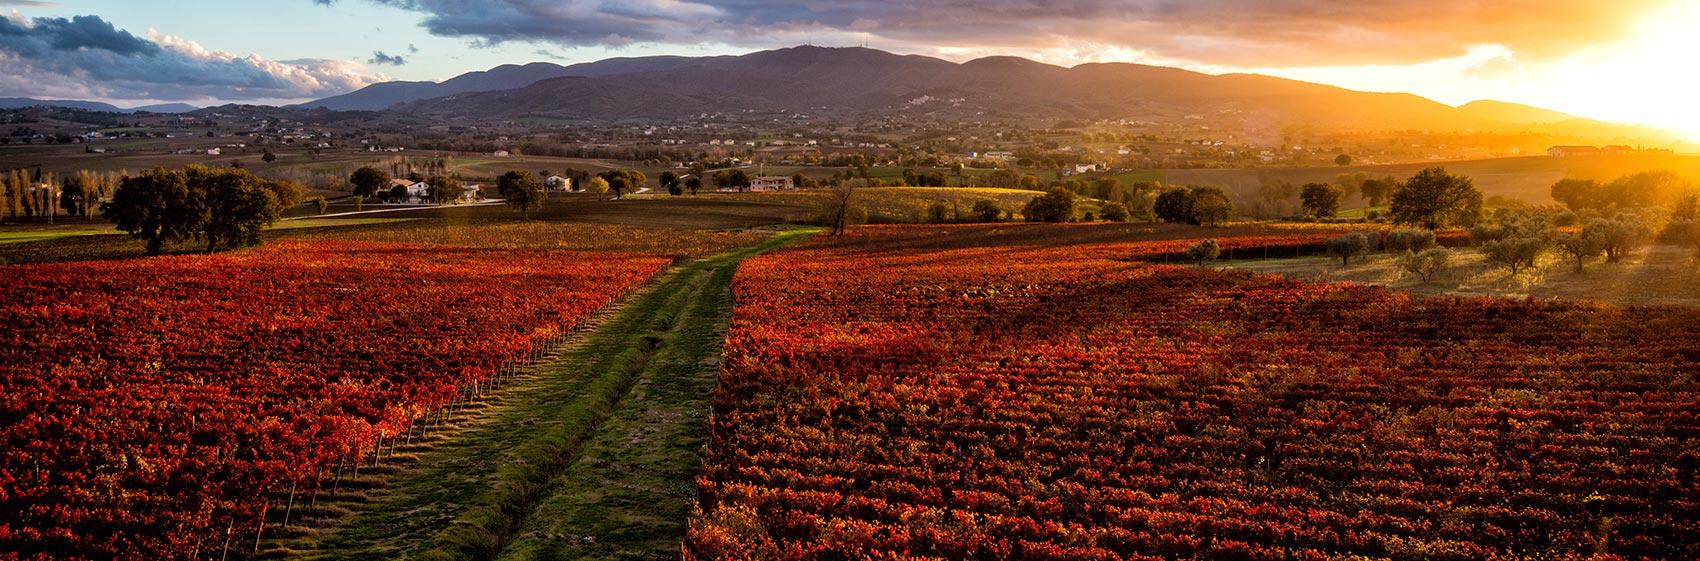 Perticaia wine farm - Montefalco